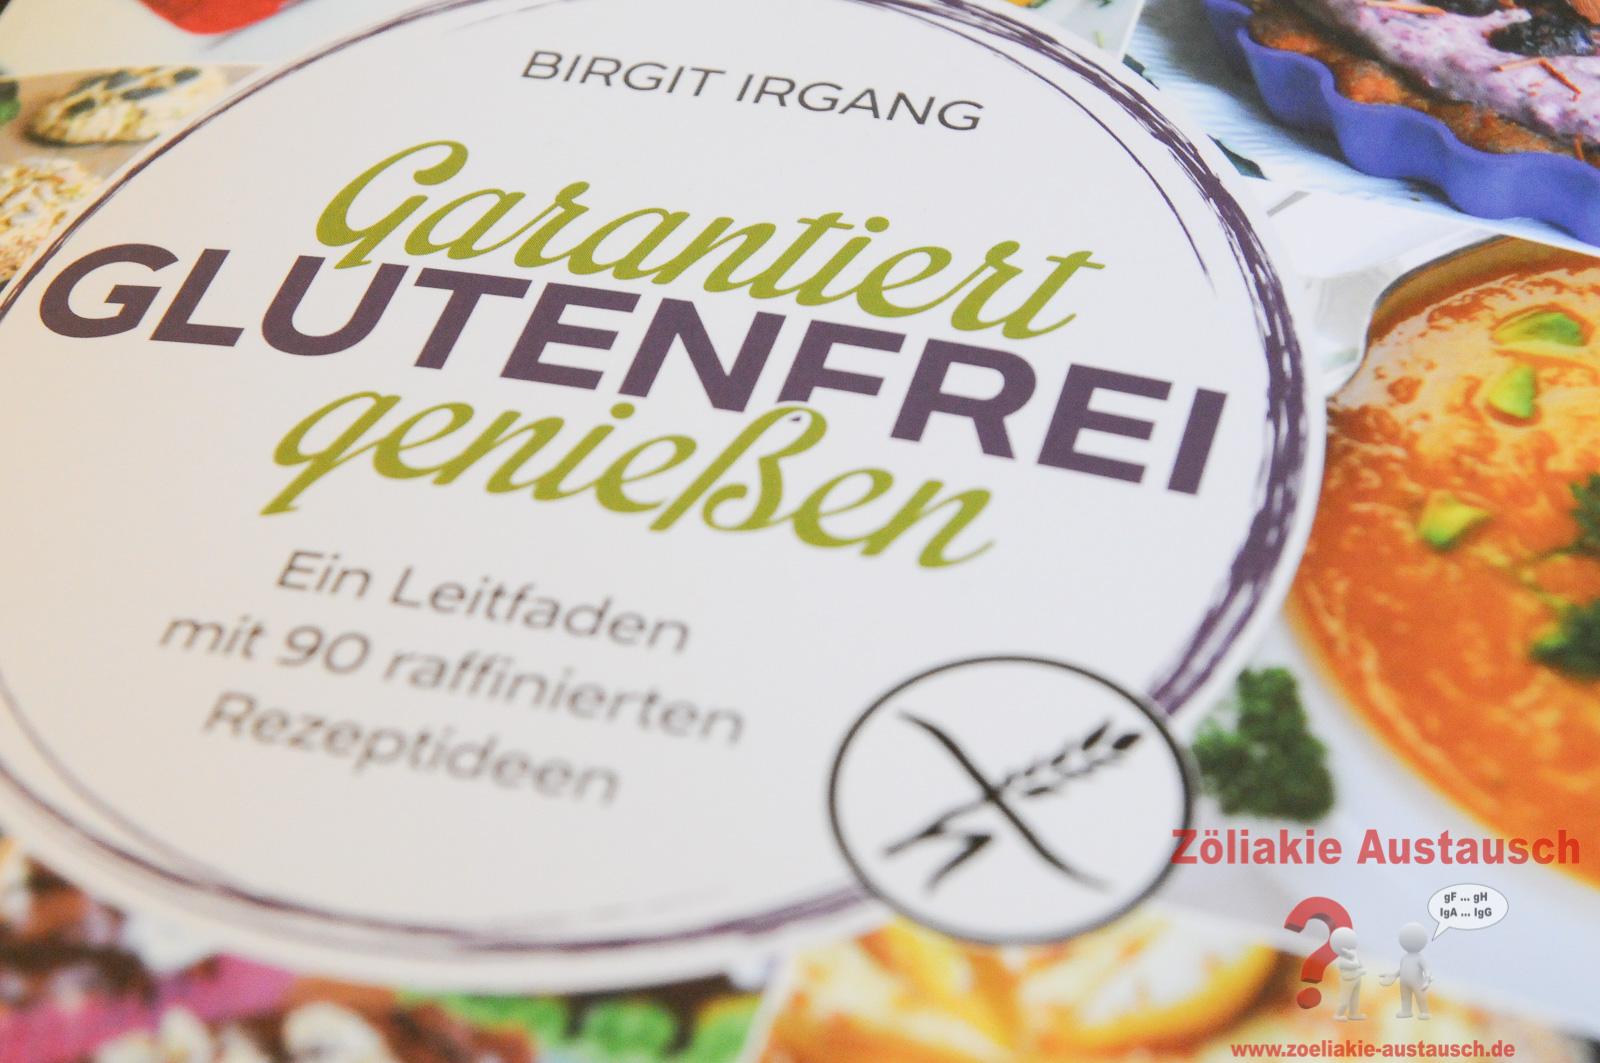 Buch_garantiert_glutenfrei_geniessen_DSC_5457